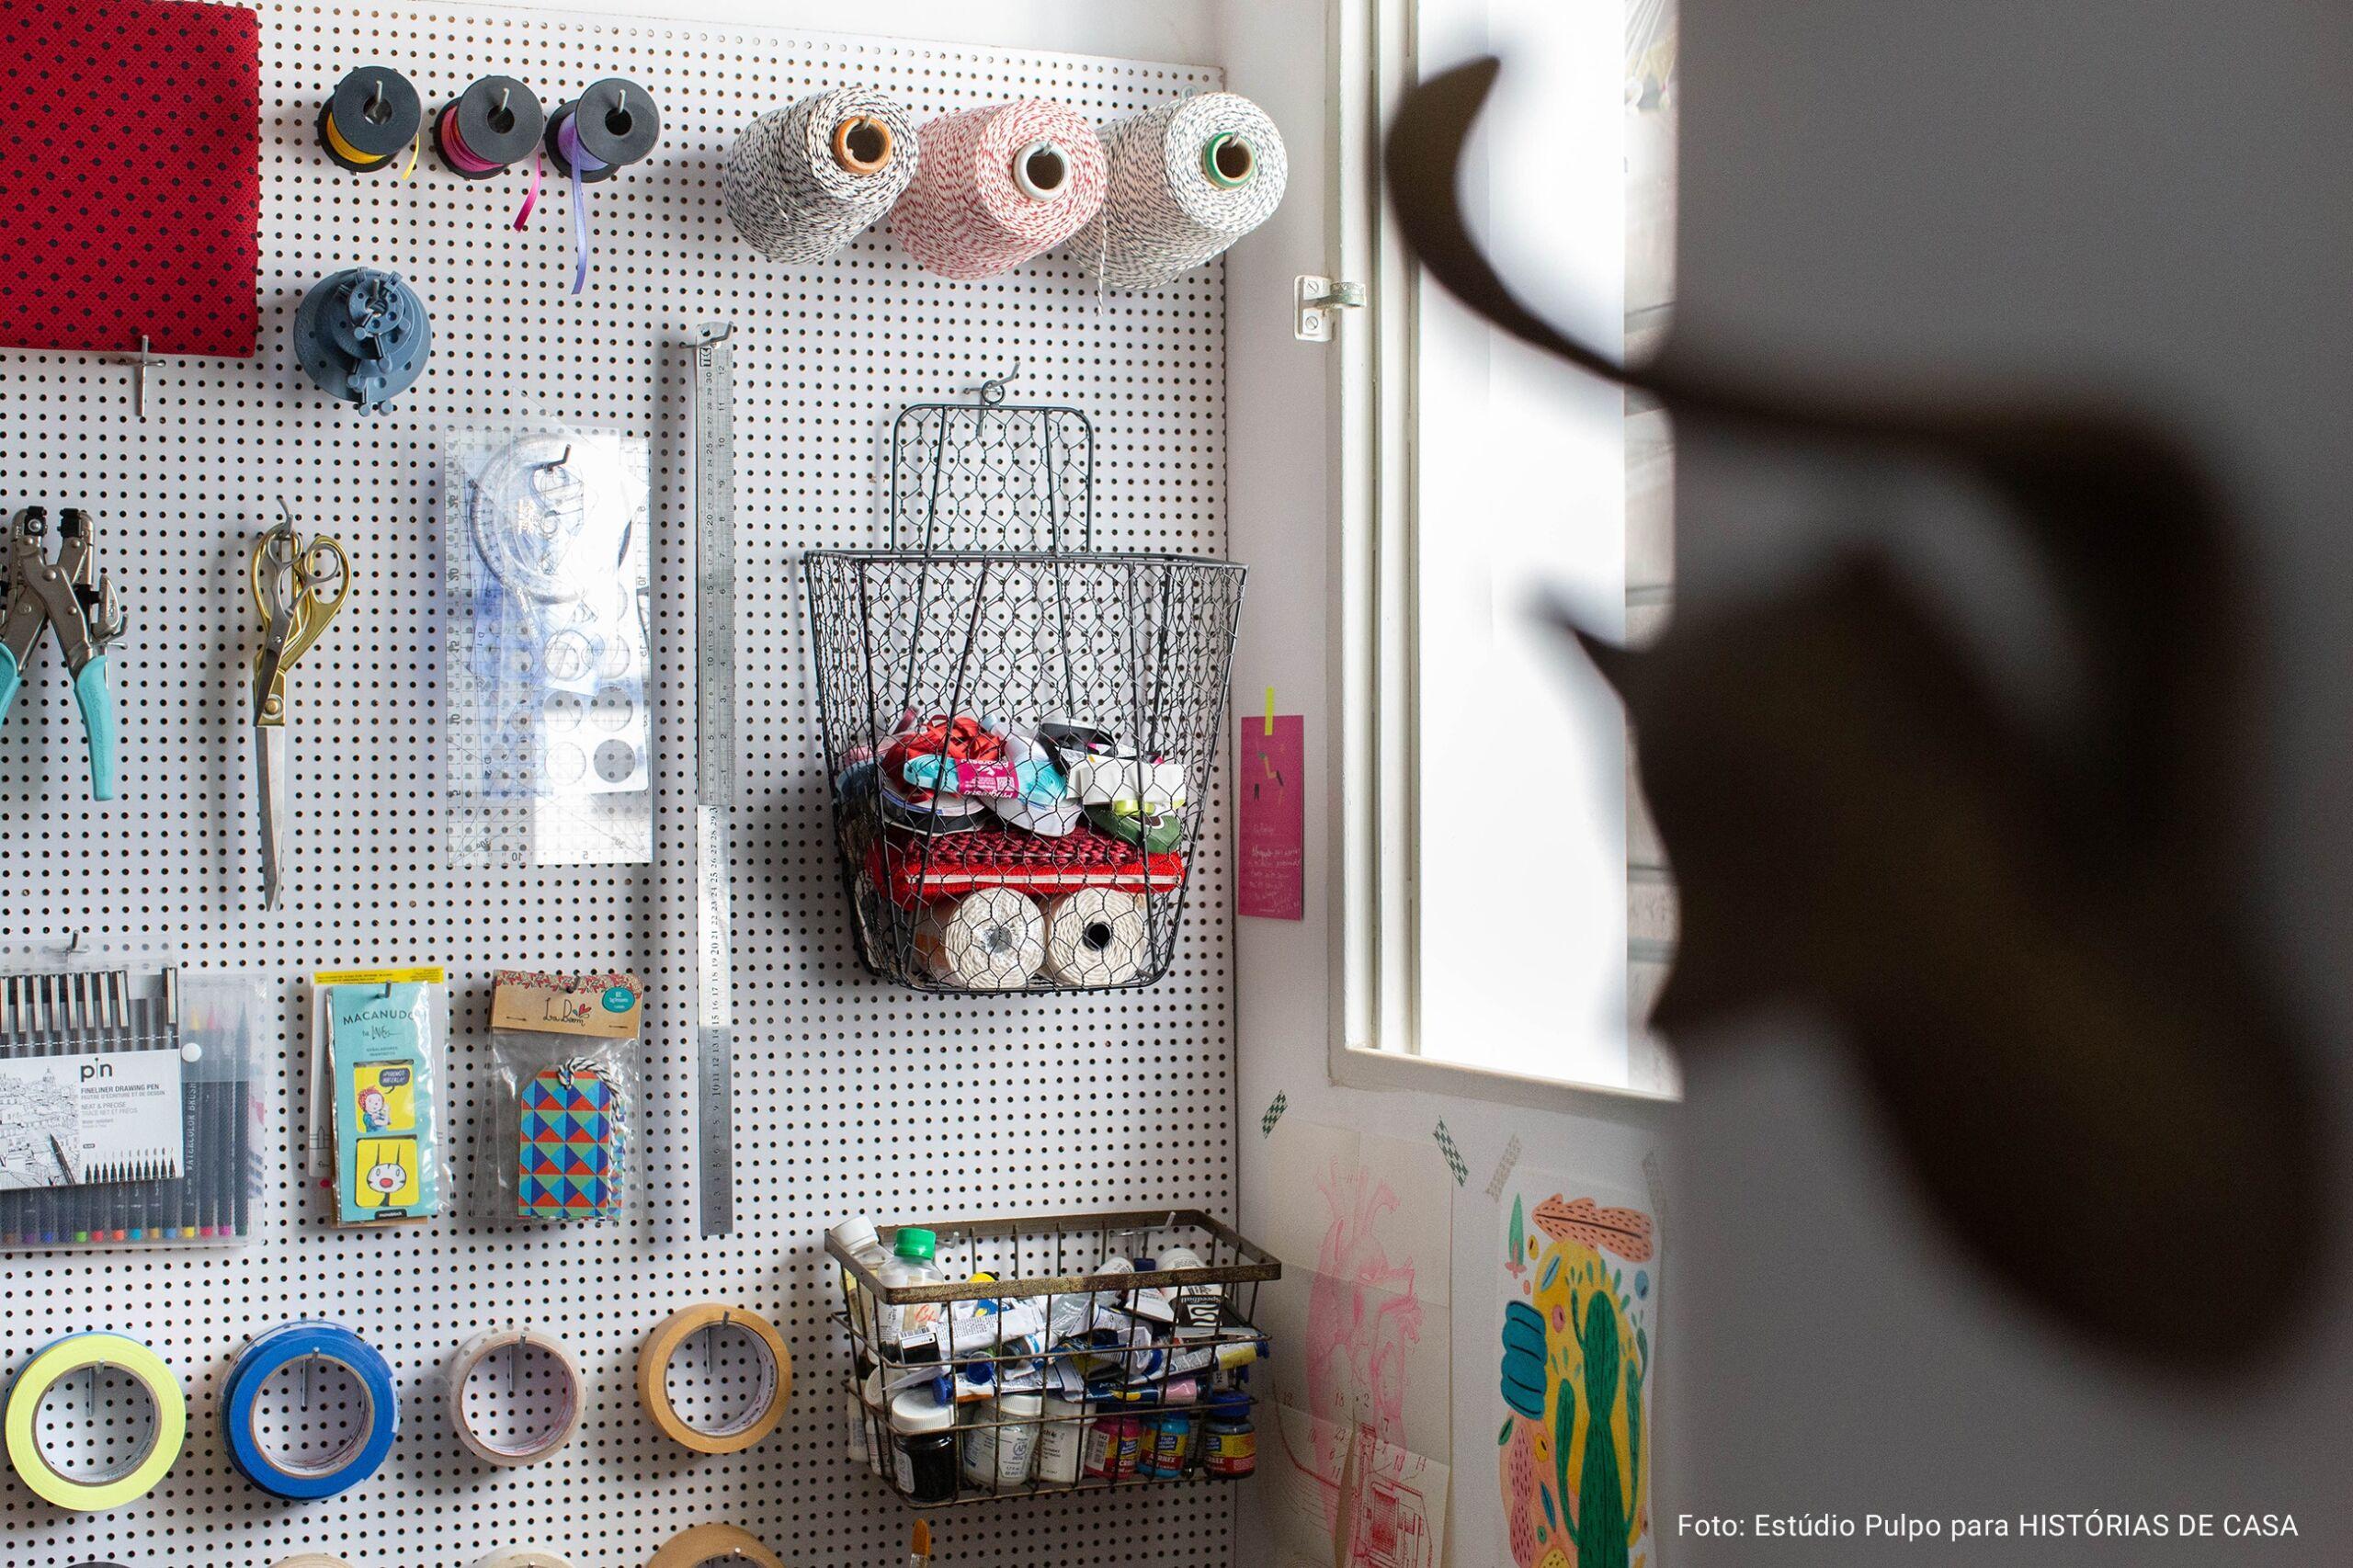 detalhe de parede grid com materiais para artesanato